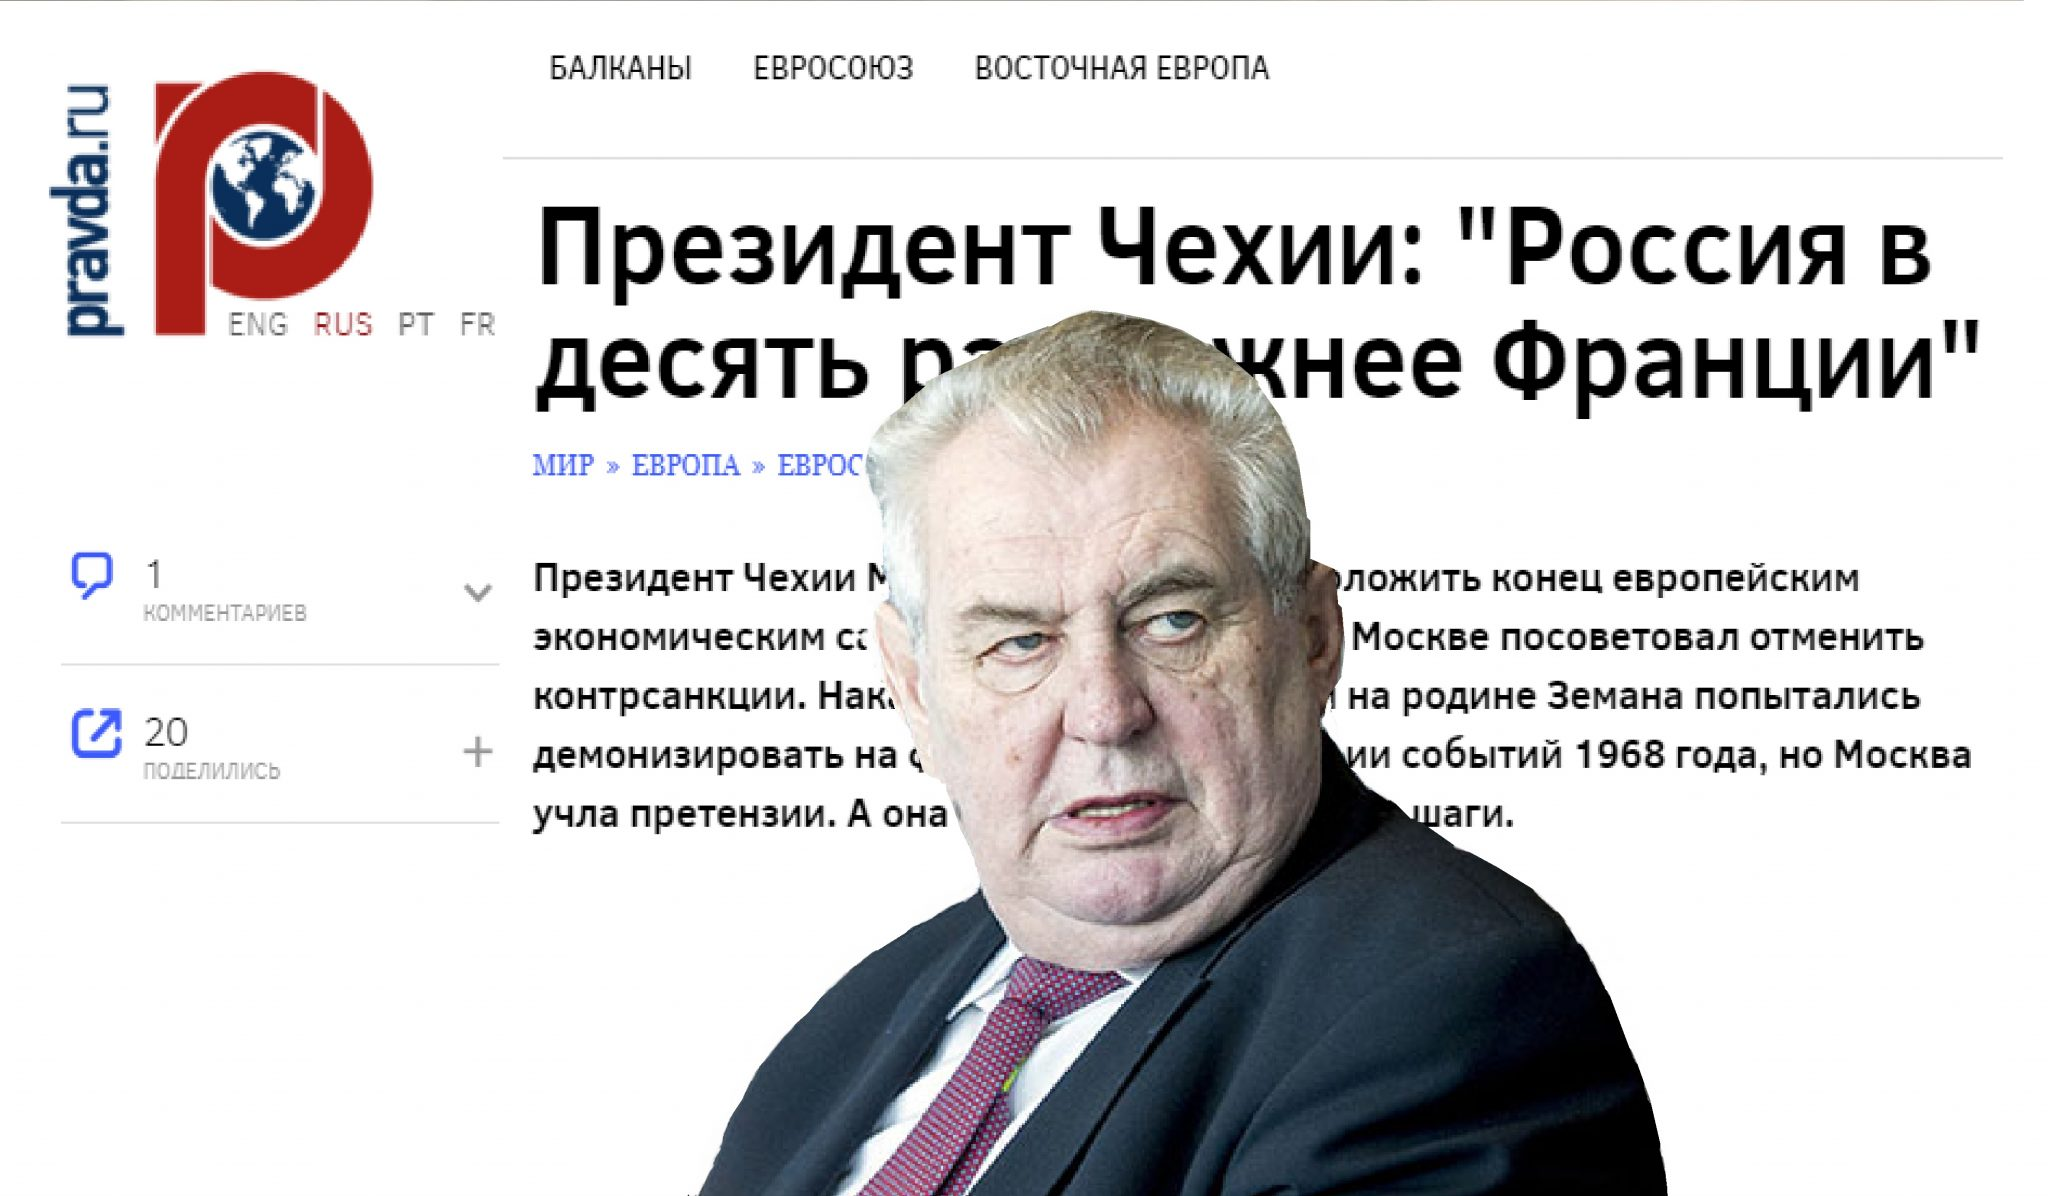 Pravda.ru/ТВ Центр